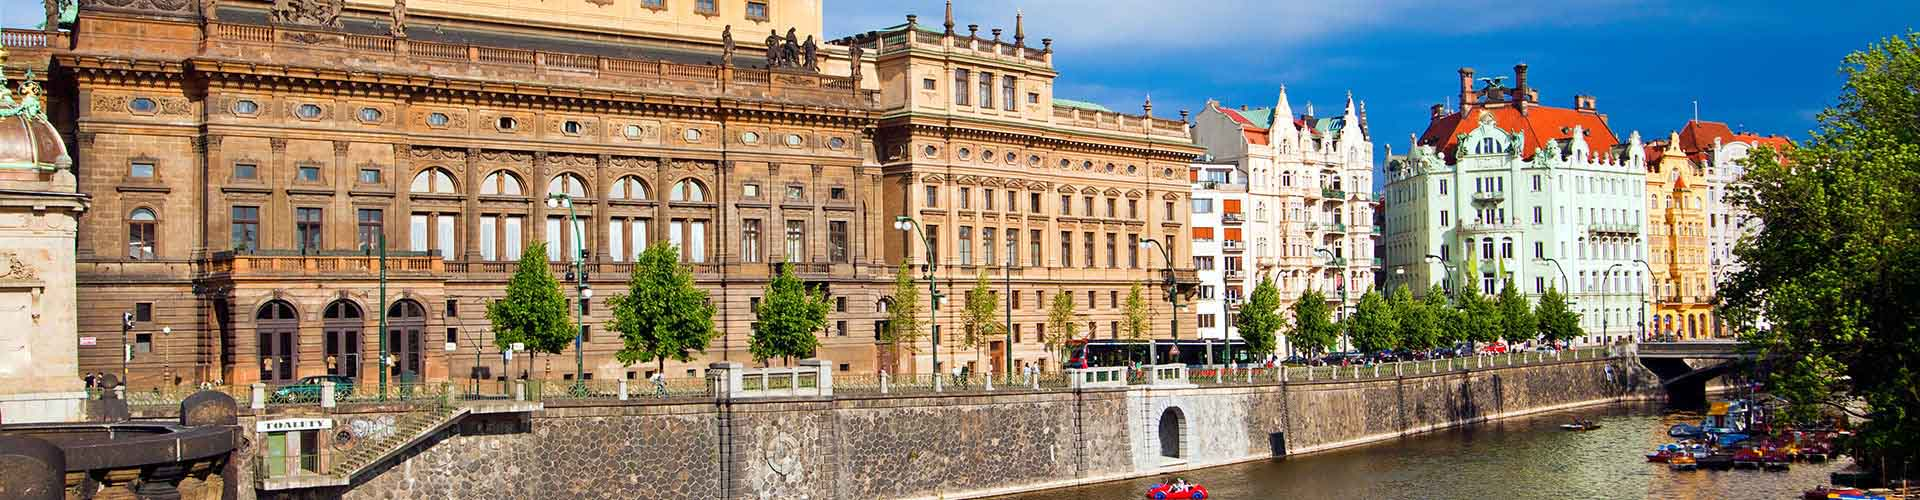 布拉格 – 国家大剧院附近的公寓。布拉格地图,布拉格每间公寓的照片和评价。